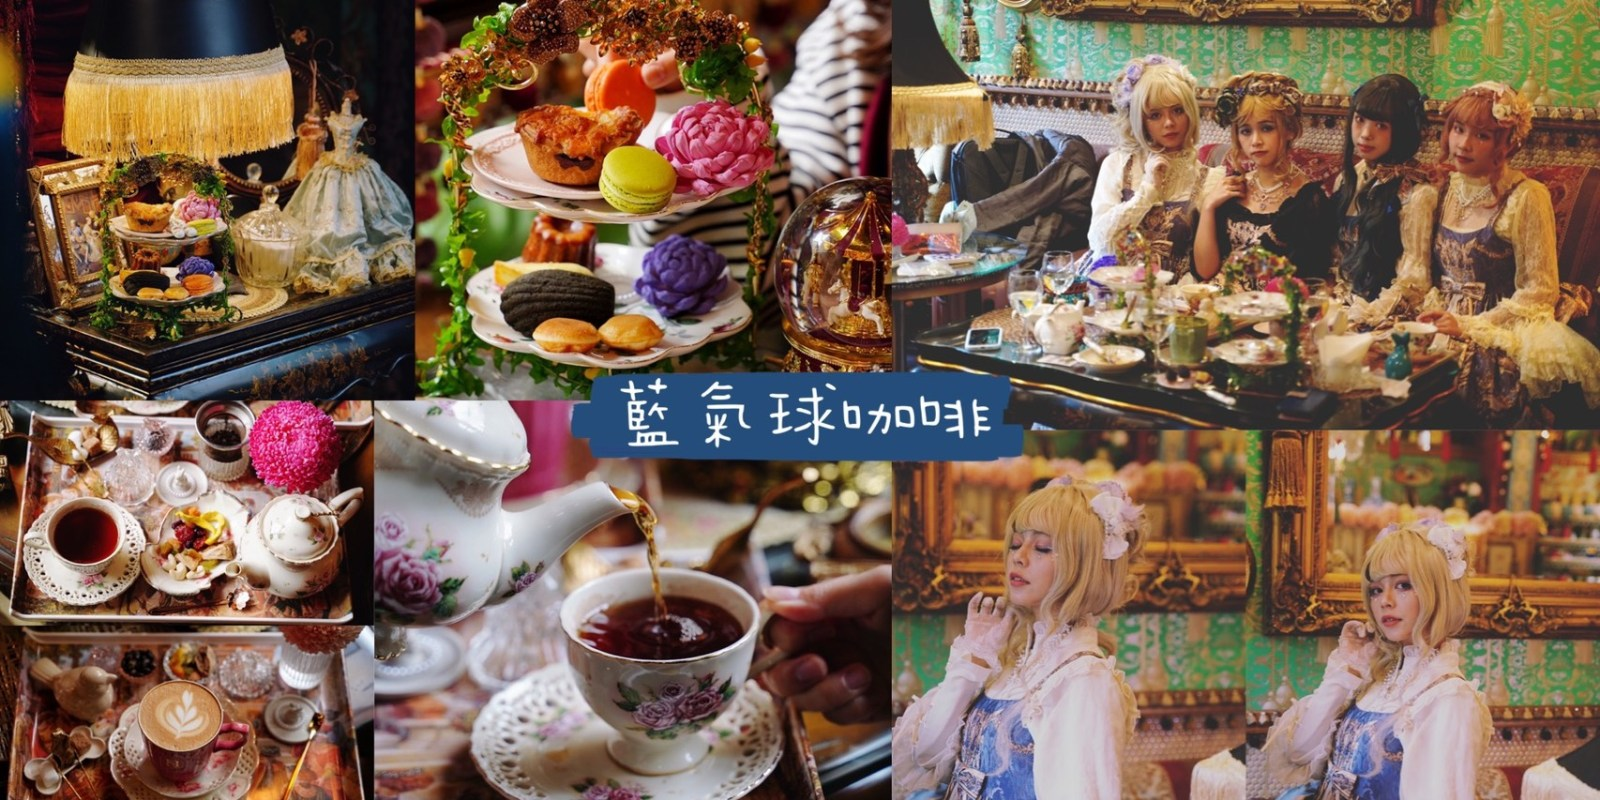 【新竹美食】竹北貴婦級法式奢華下午茶推薦『藍氣球咖啡』,巴洛克風格裝潢讓你一秒置身在歐洲旅行!(Hediard頂級好茶/HABIBI馬卡龍)